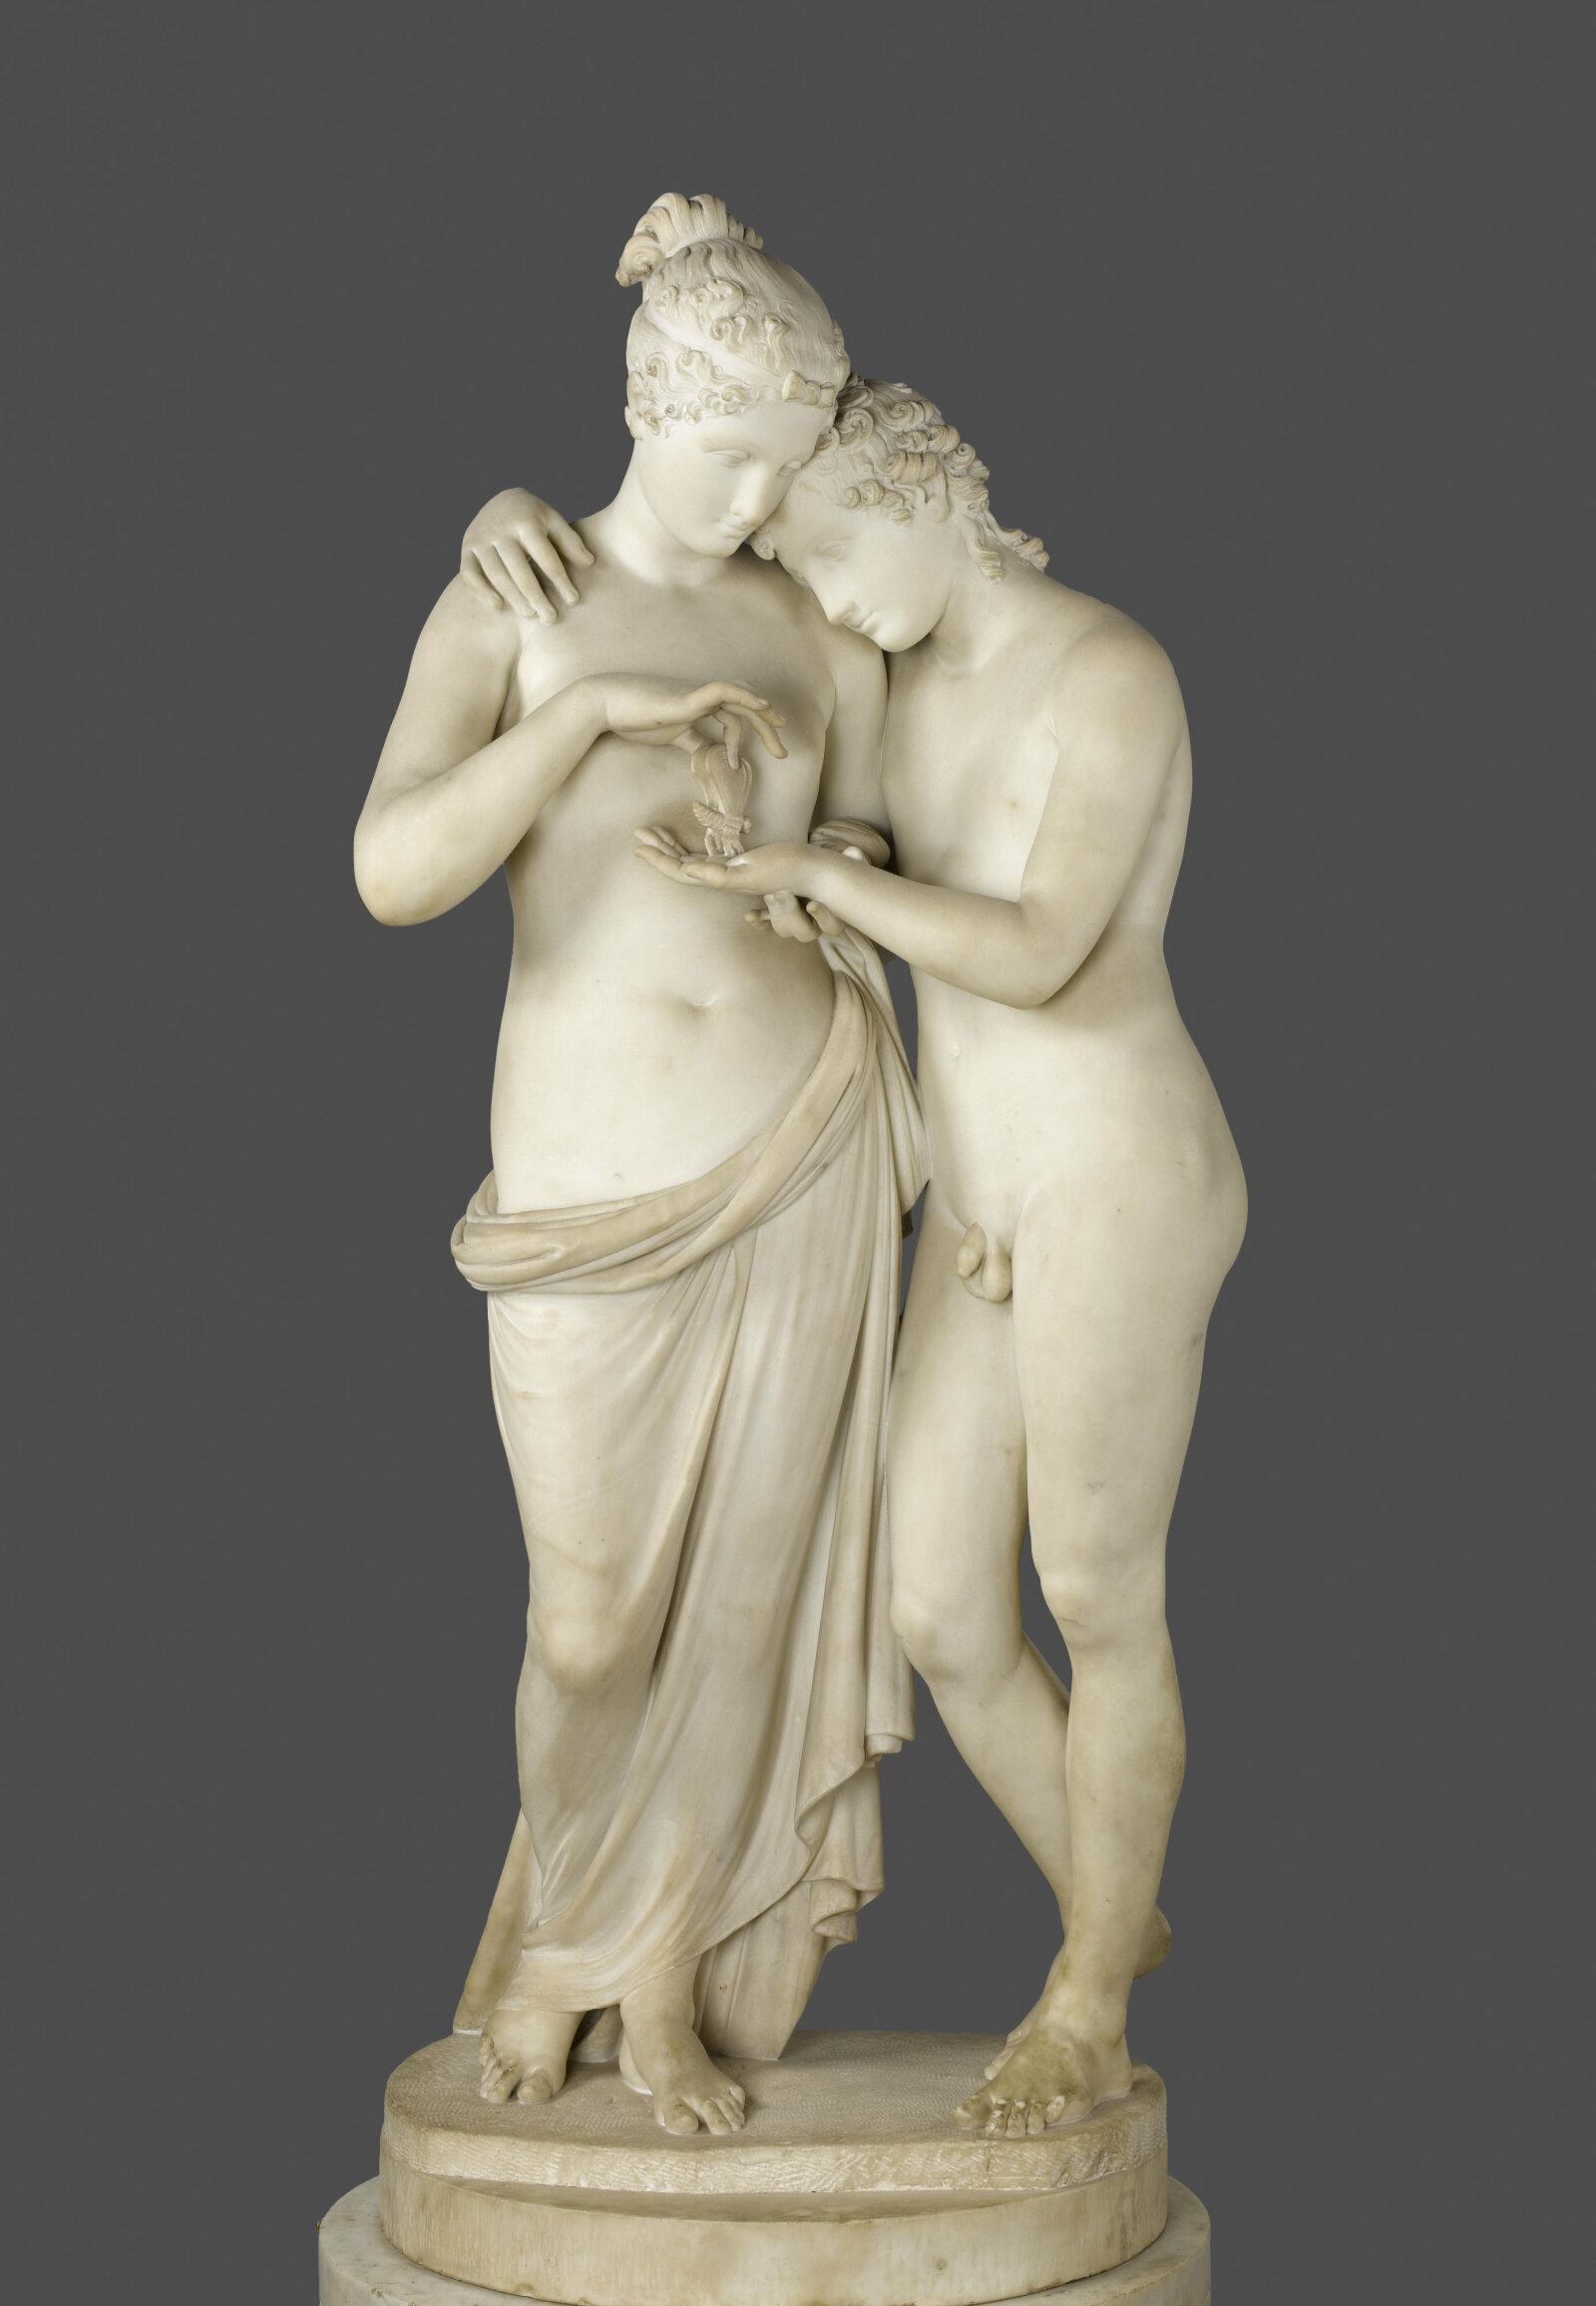 https://www.arts-in-the-city.com/wp-content/uploads/2018/08/antonio-canova-psyche-et-l-amour-vers-1797-marbre-paris-musee-du-louvrec-rmn-gp-musee-du-louvre-stephane-marechalle-1600x0.jpg